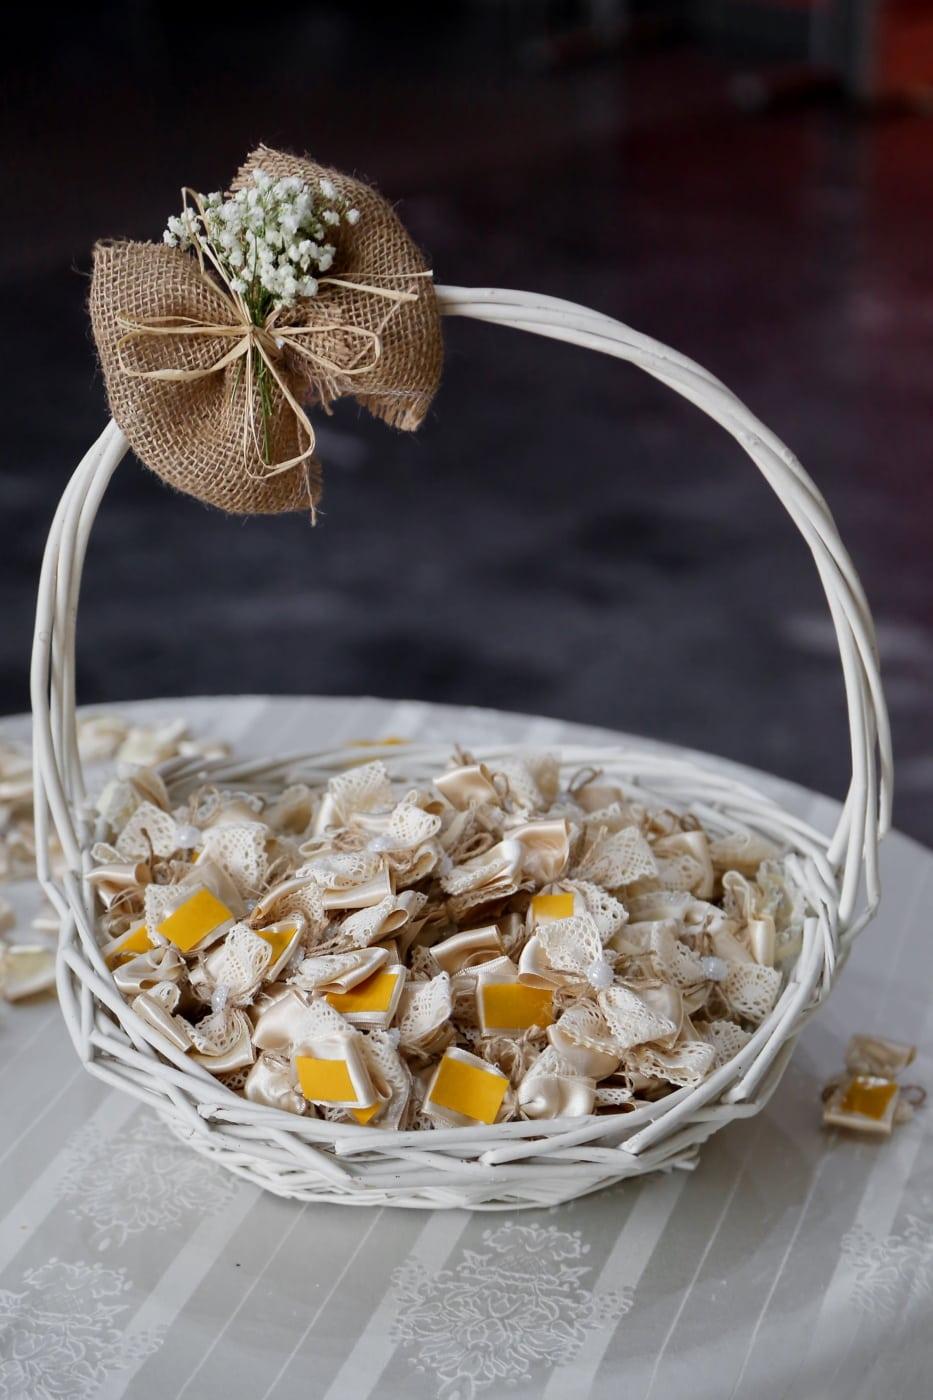 ajándékok, romantikus, Valentin-nap, fonott kosár, dekoratív, fehér, kézzel készített, hagyományos, fa, Csendélet